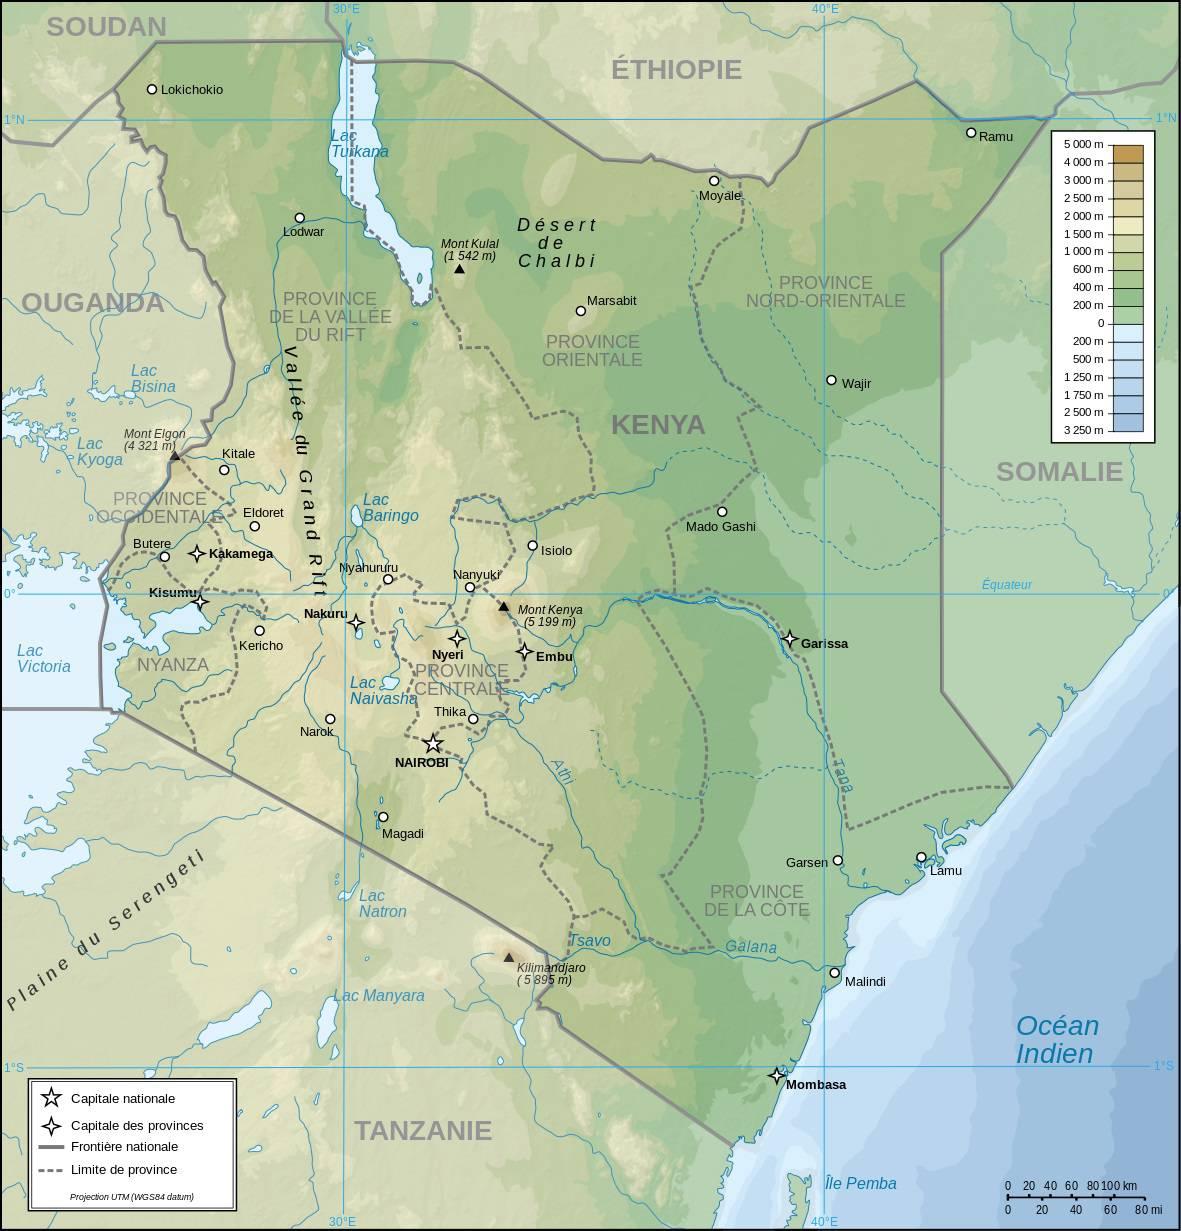 Carte géographique du Kenya